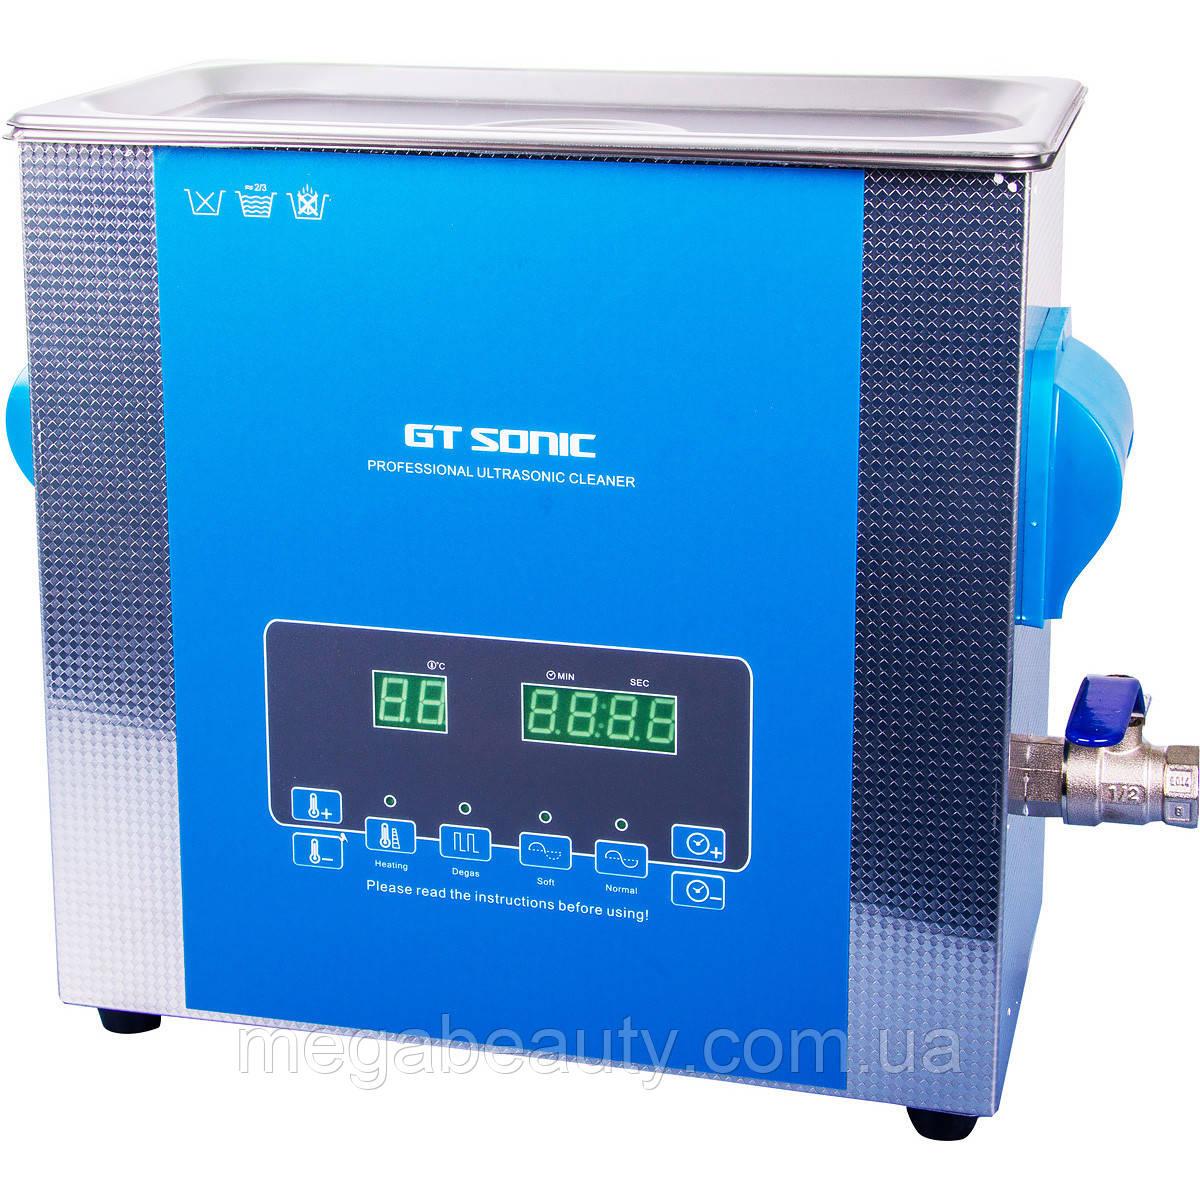 Ультразвуковой очиститель GT-1860QTS, 6 литров для салонов красоты